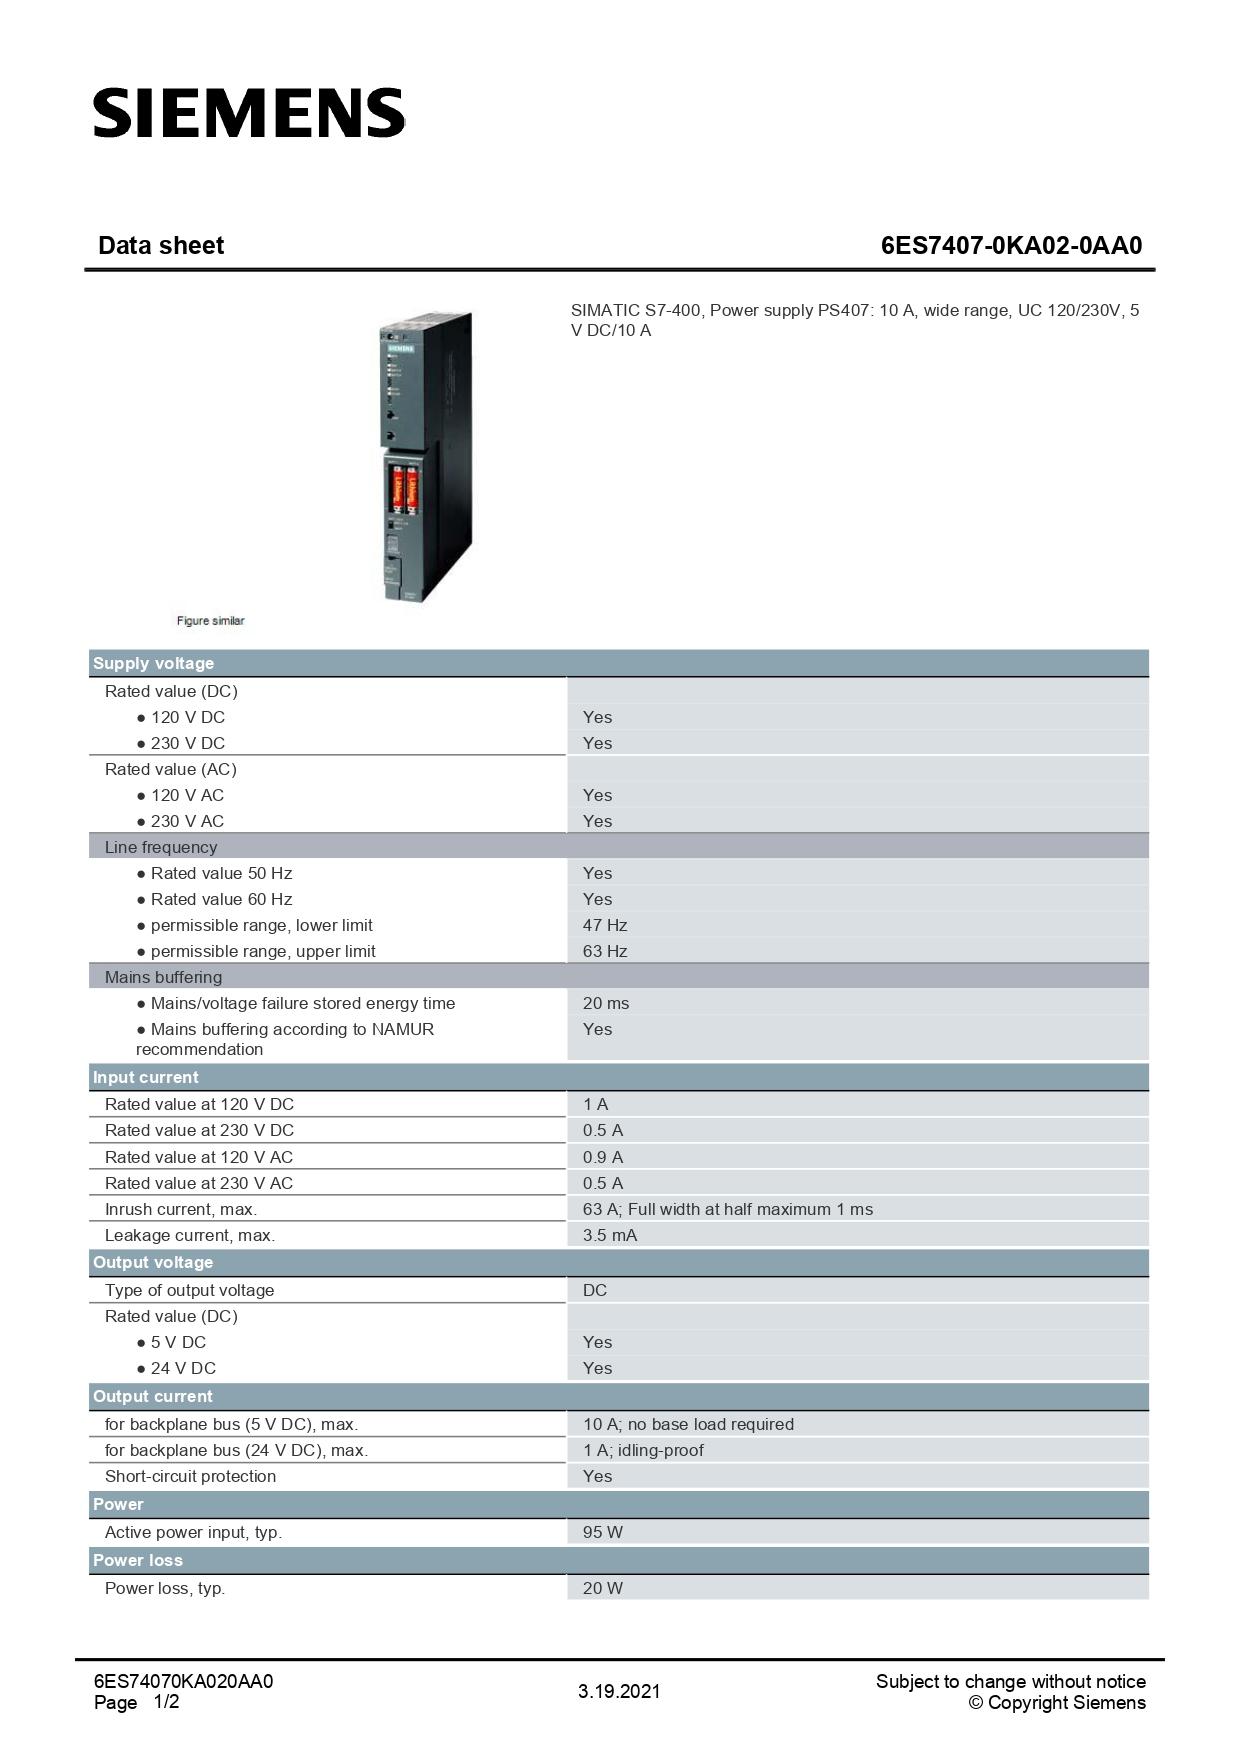 6ES7407-0KA02-0AA0_datasheet